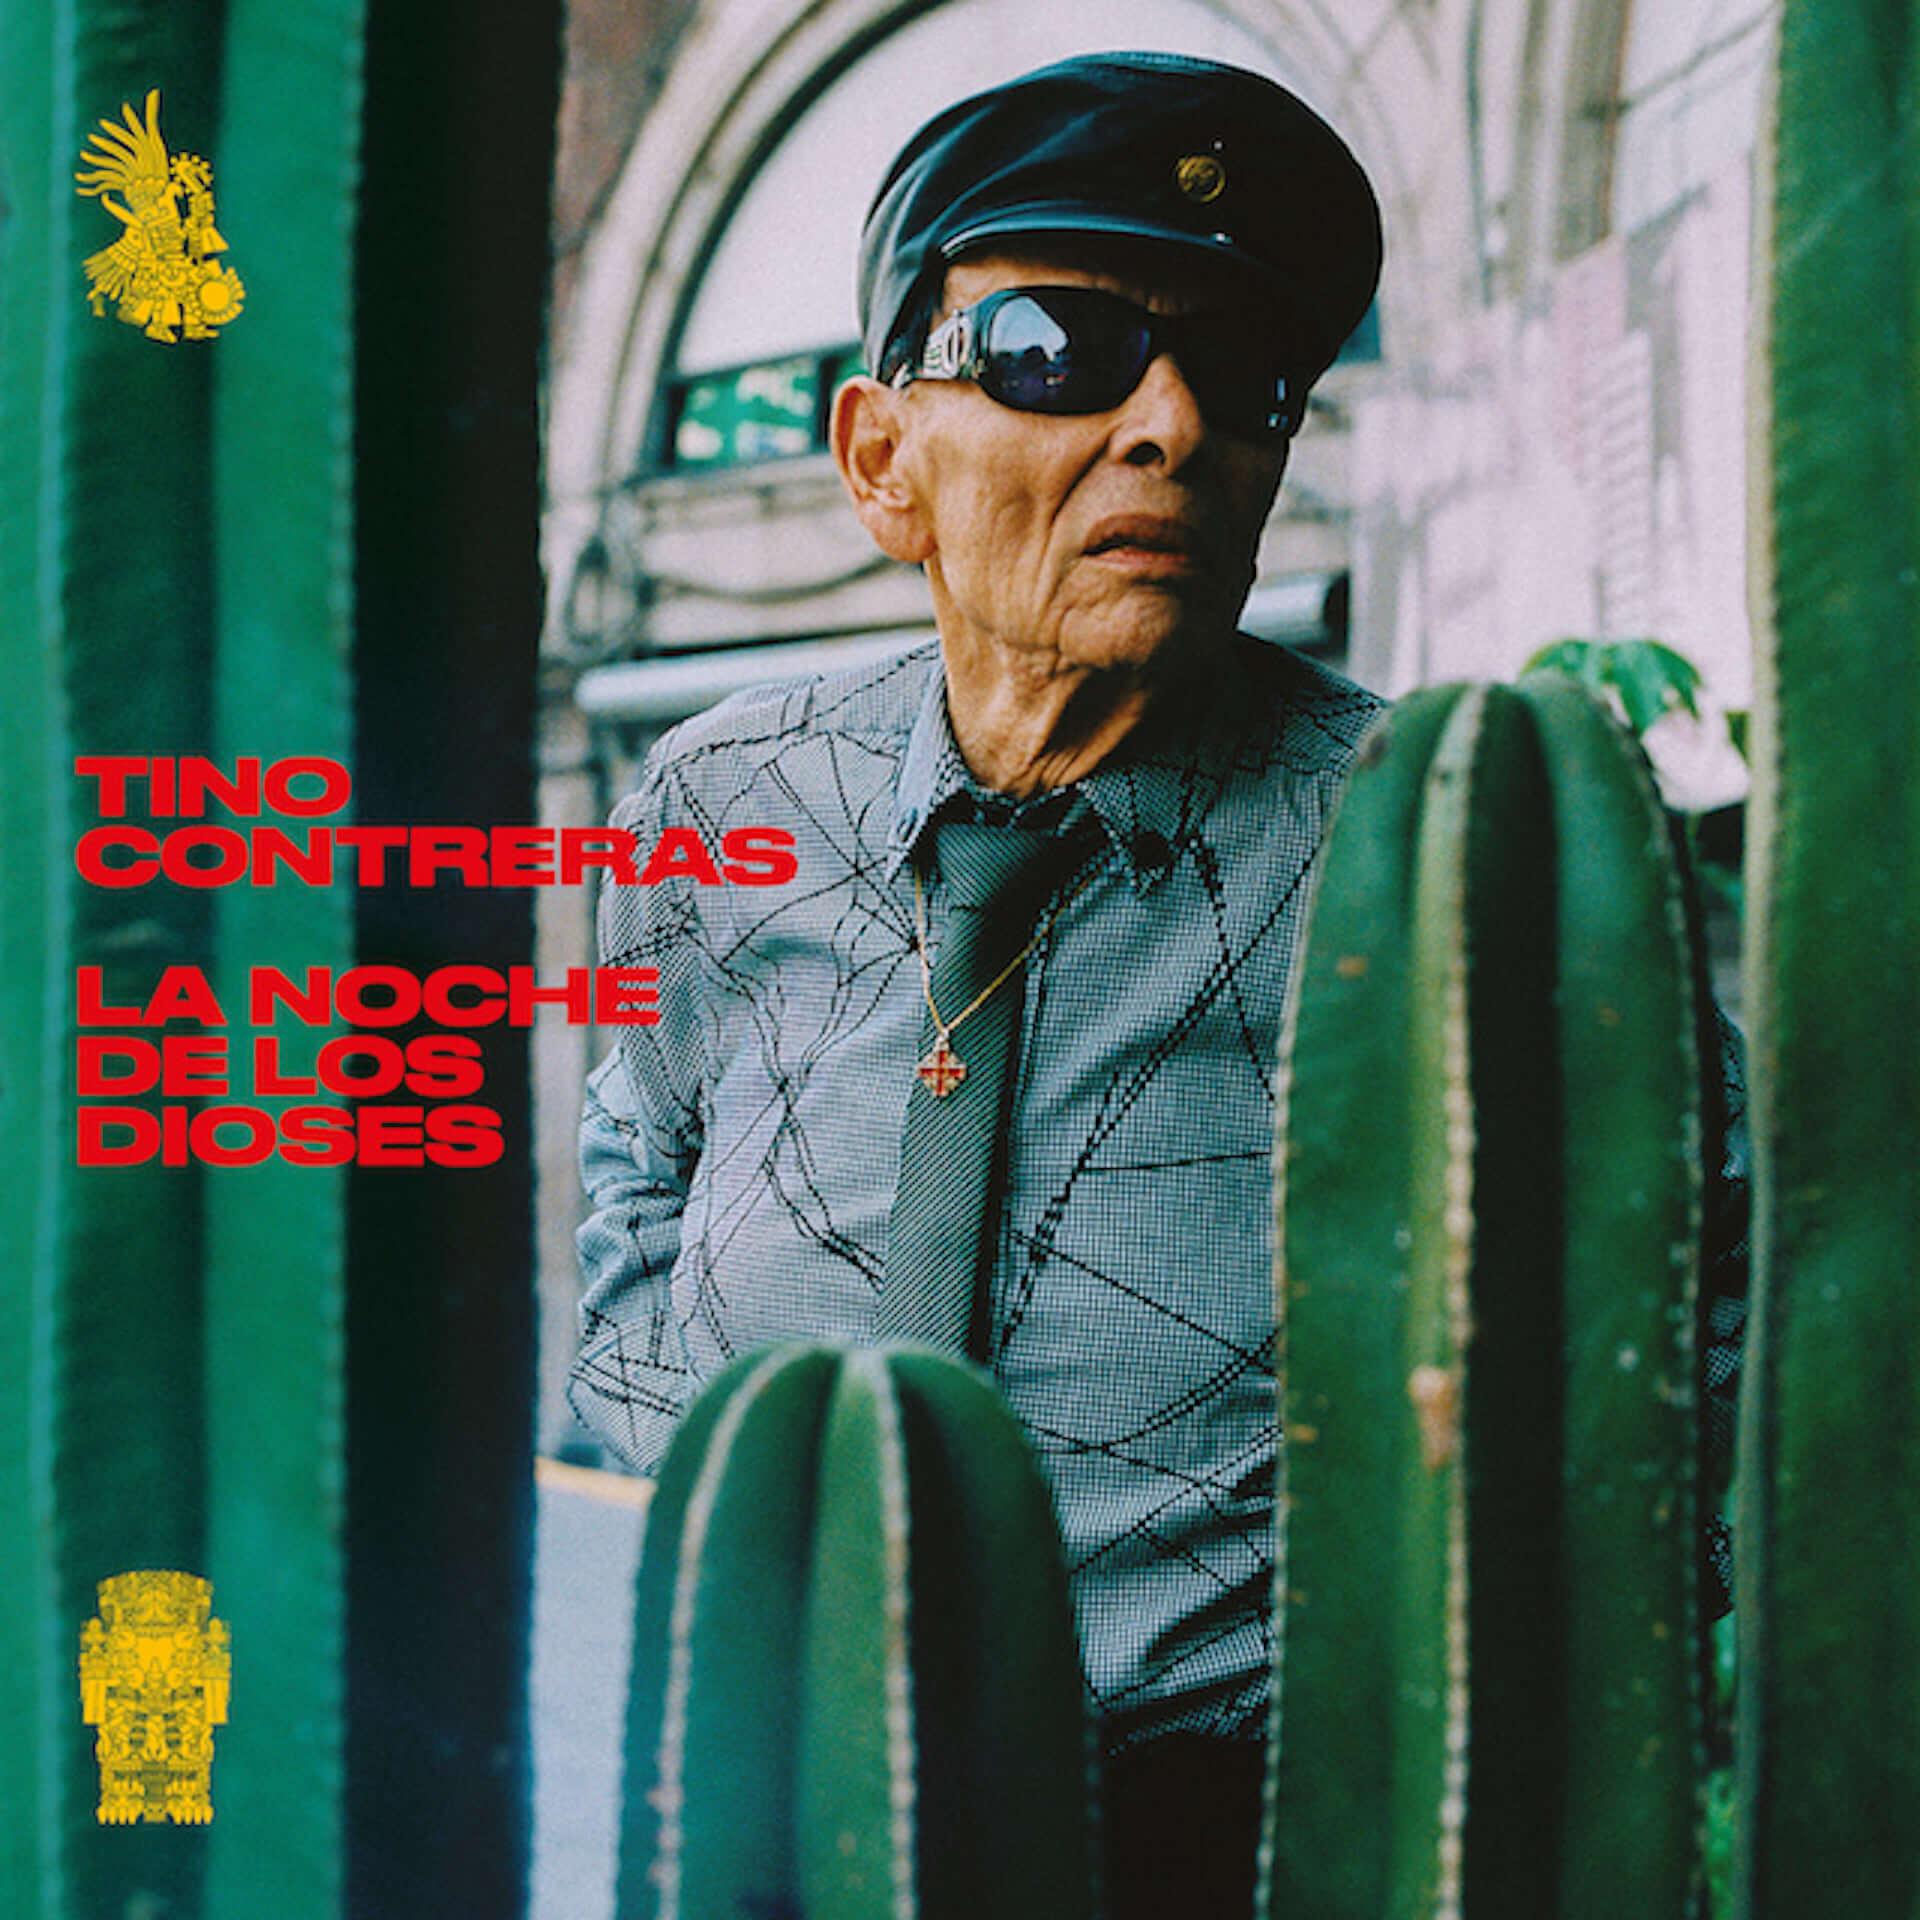 Gilles Petersonも絶賛!86歳のジャズドラマー・Tino Contrerasの最新作『La Noche de los Dioses』が〈Brownswood〉より発売決定 music200917_tino-contreras_1-1920x1920